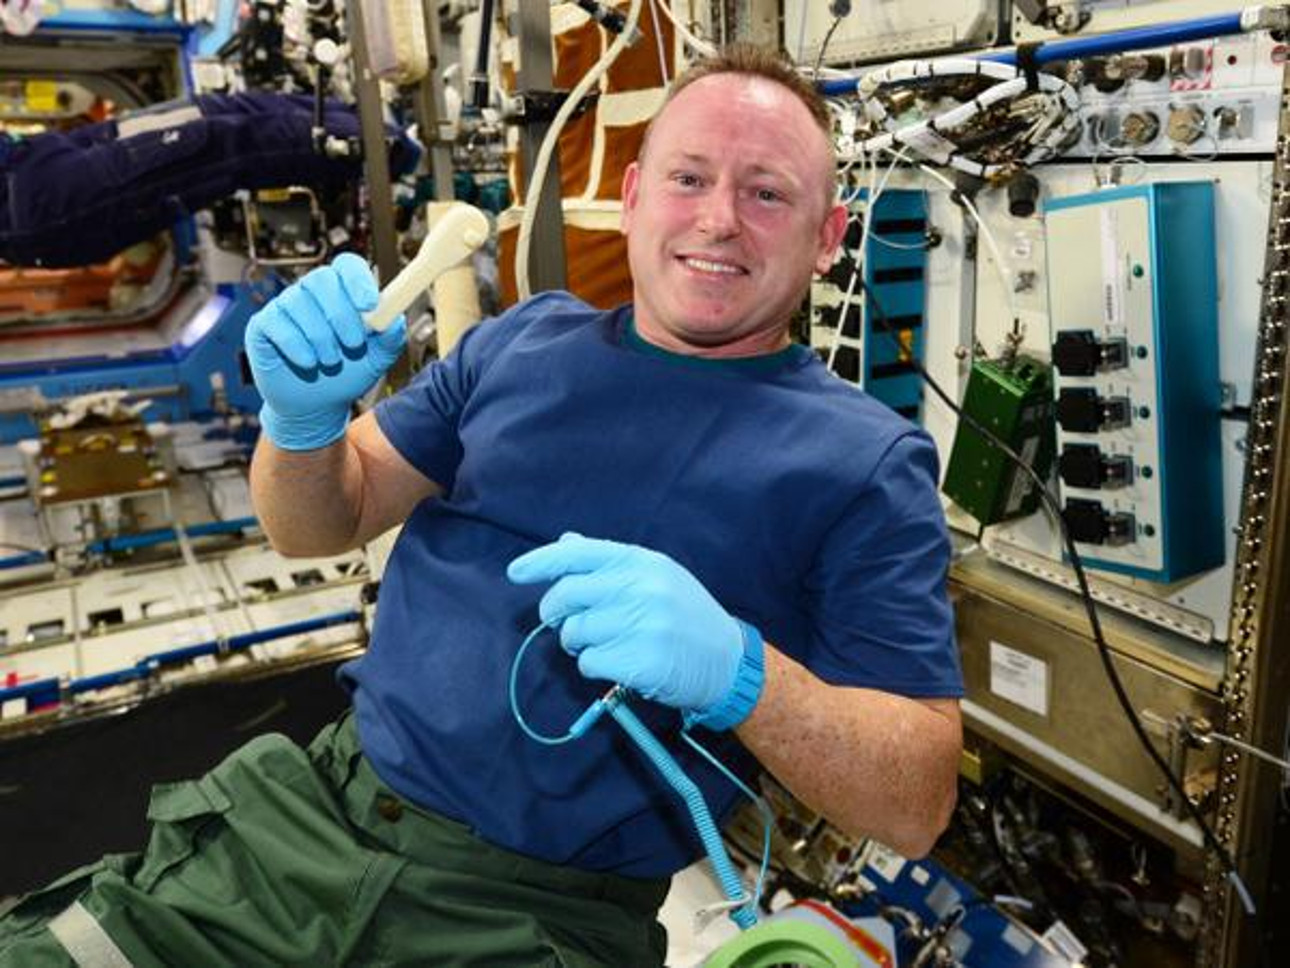 Astronauta Barry Wilmore z drukowanym narzędziem. Oryginalne narzędzie podobno zgubiono.